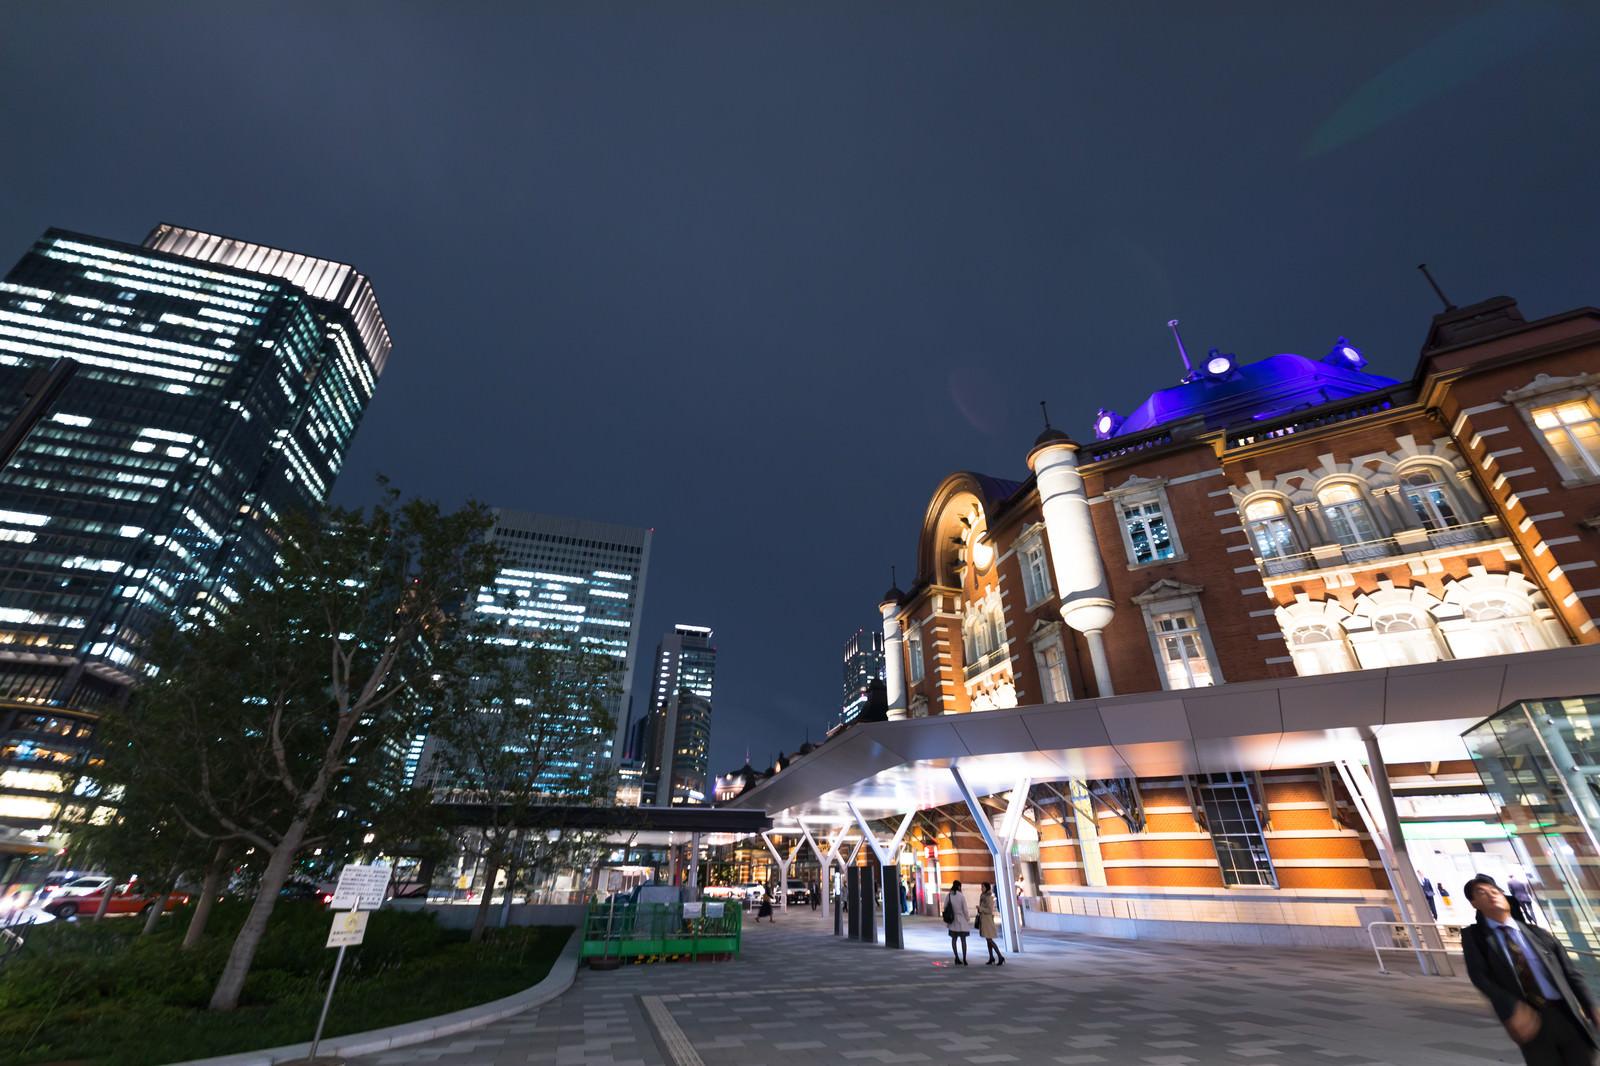 「東京駅前スナップ(夜) | 写真の無料素材・フリー素材 - ぱくたそ」の写真